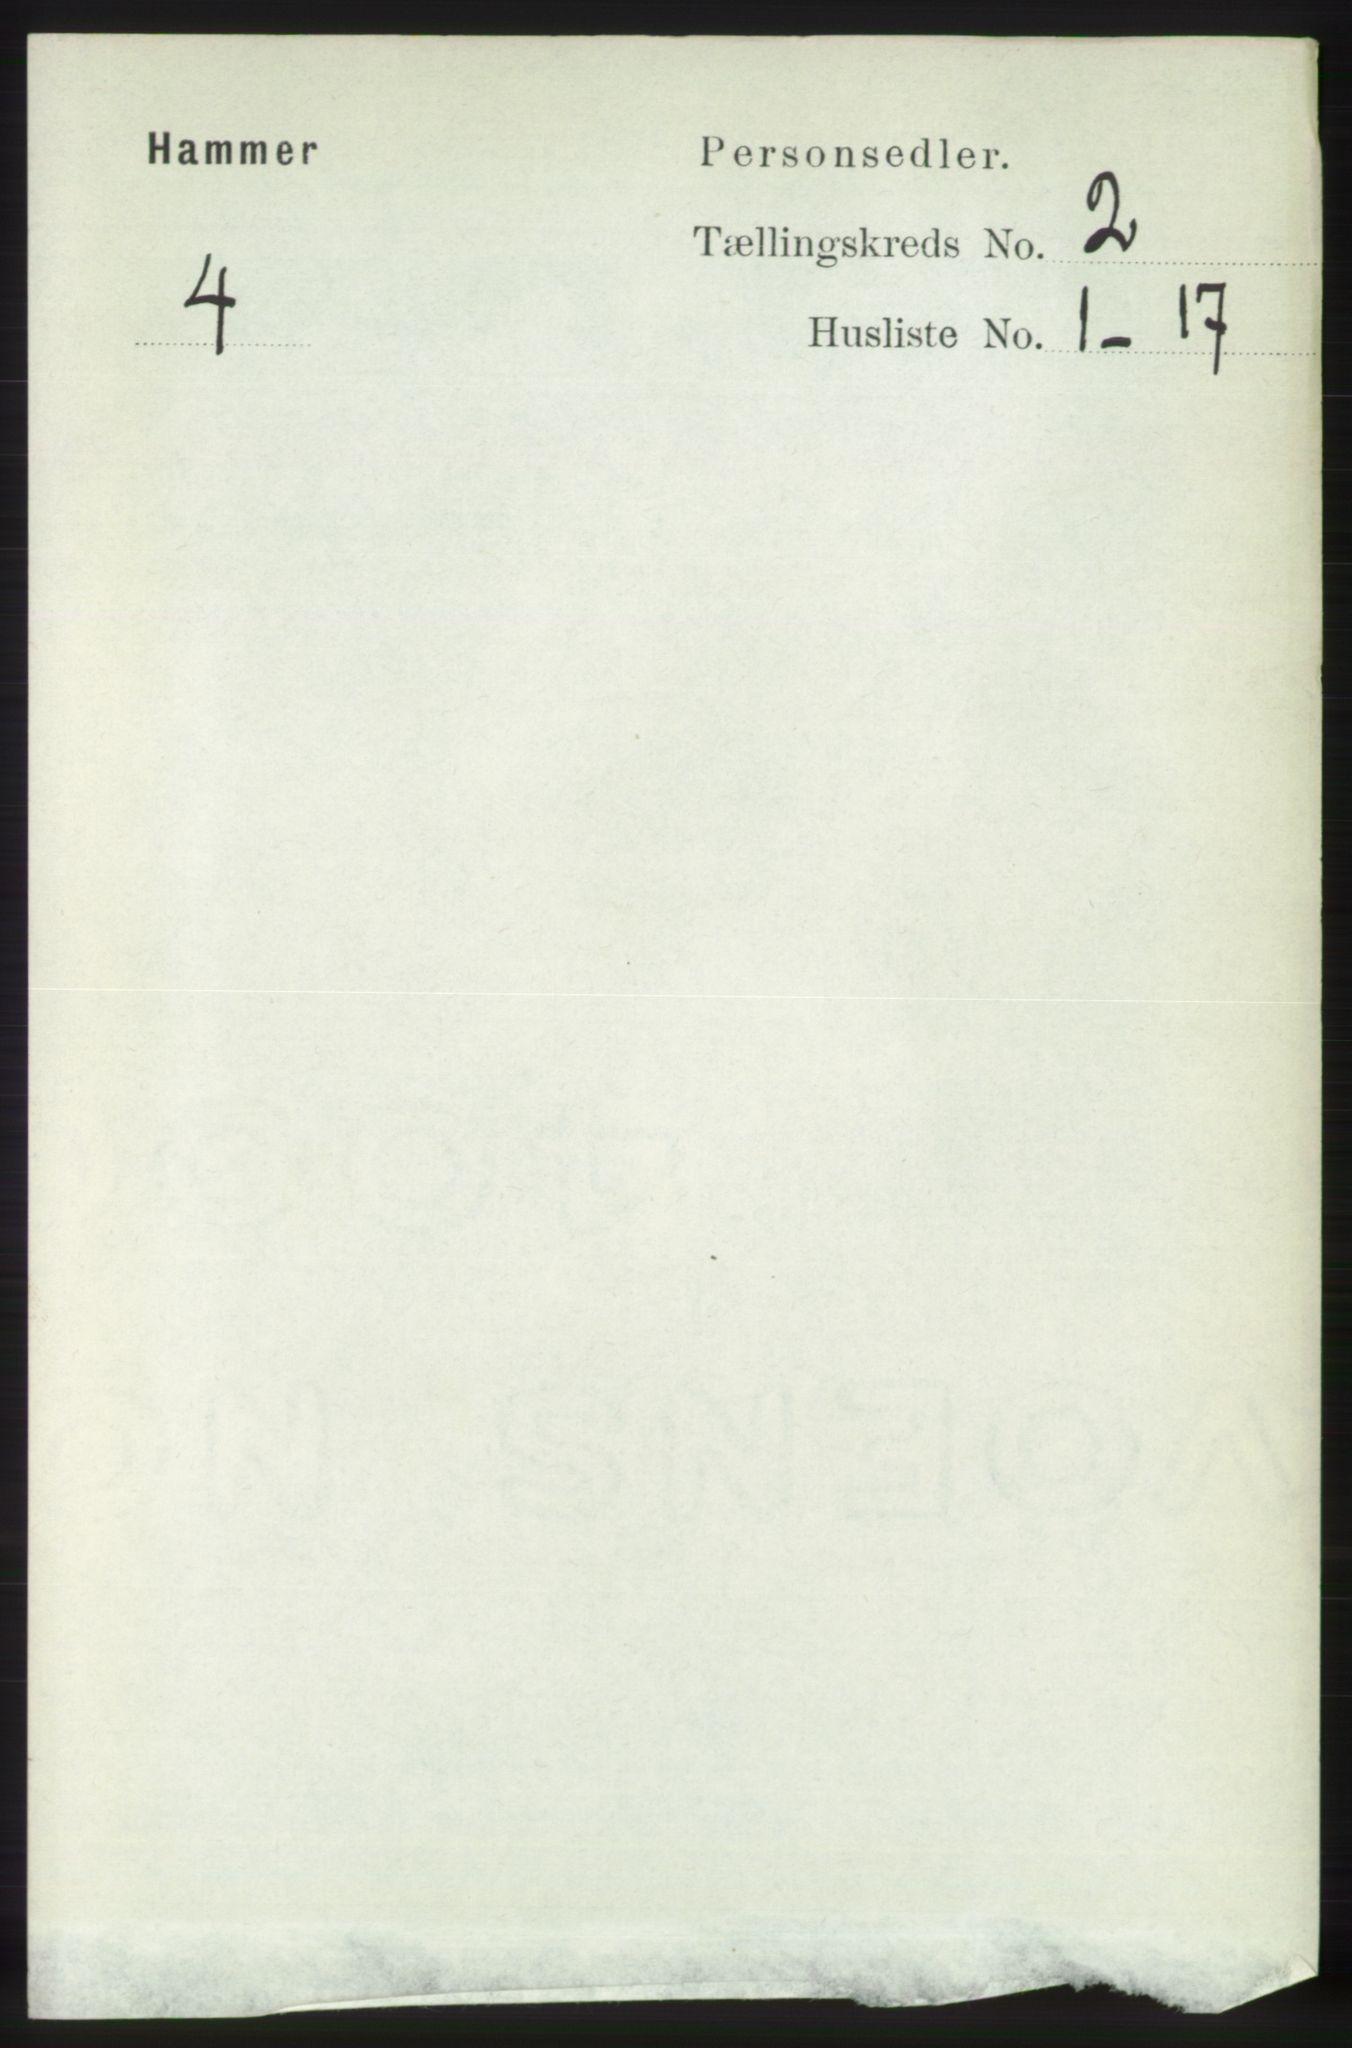 RA, Folketelling 1891 for 1254 Hamre herred, 1891, s. 224